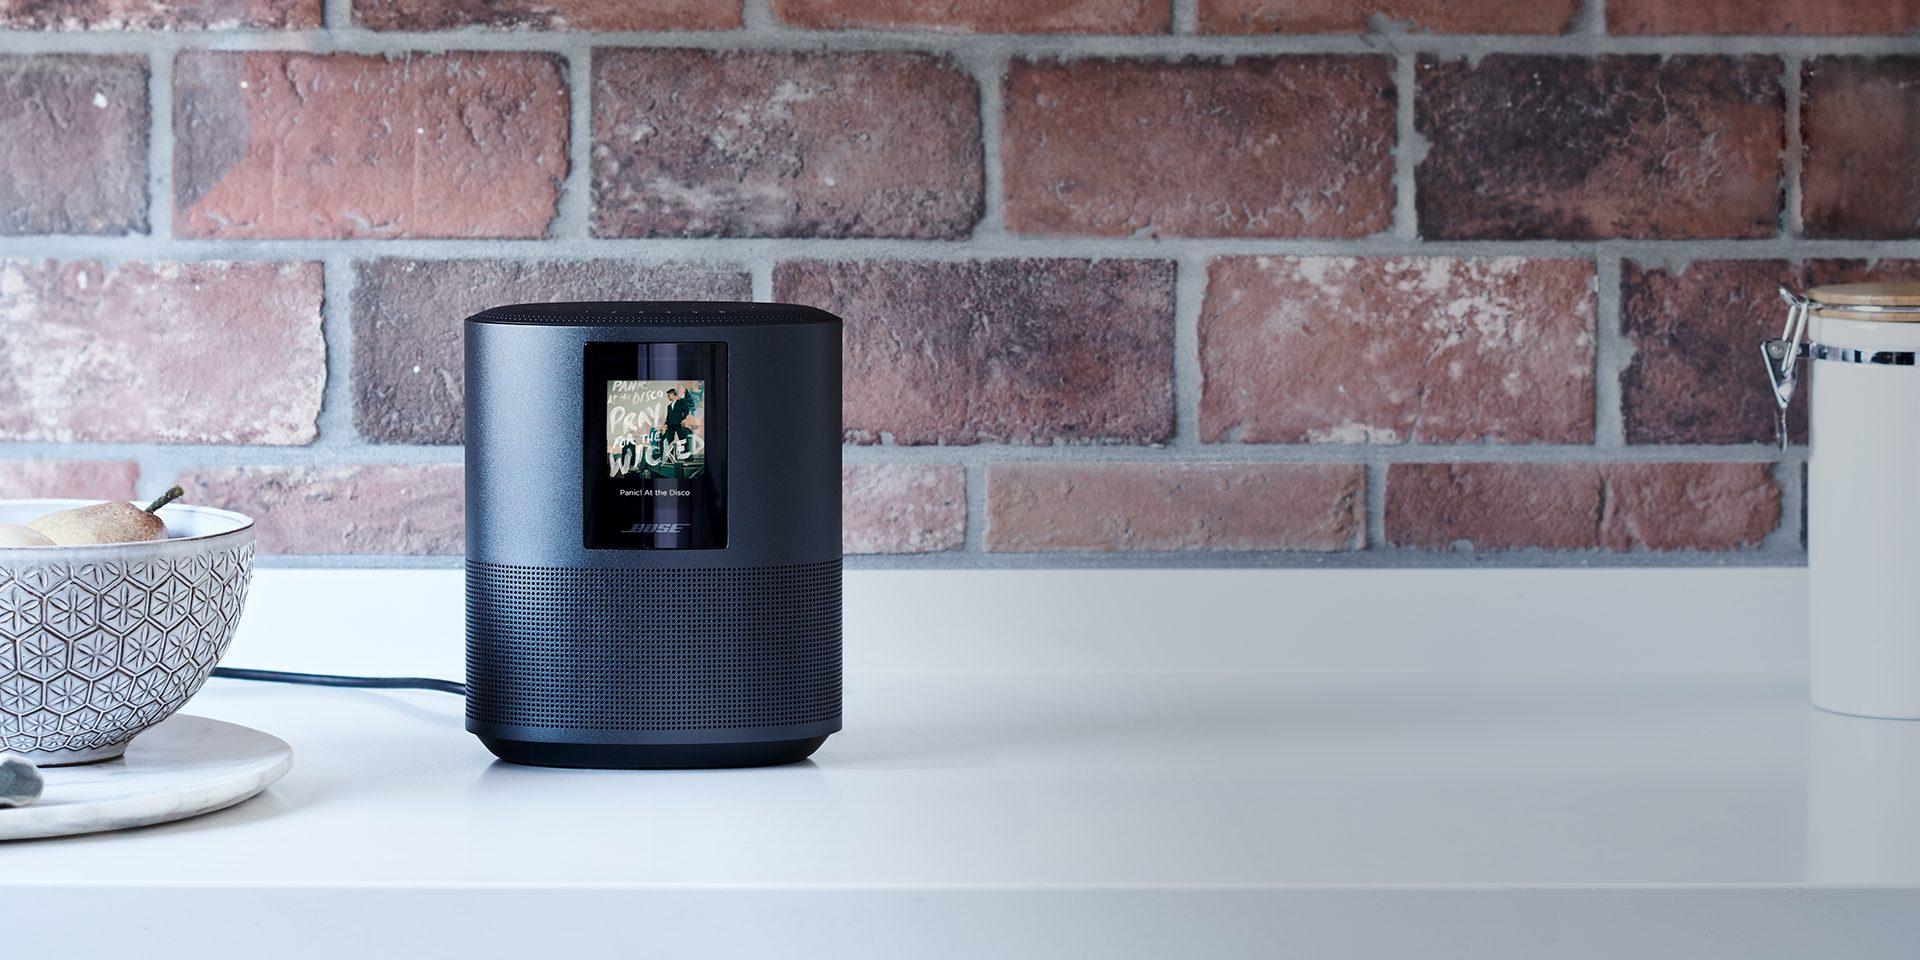 Bose s'attaque à Sonos avec une enceinte, deux barres de son et une nouvelle application